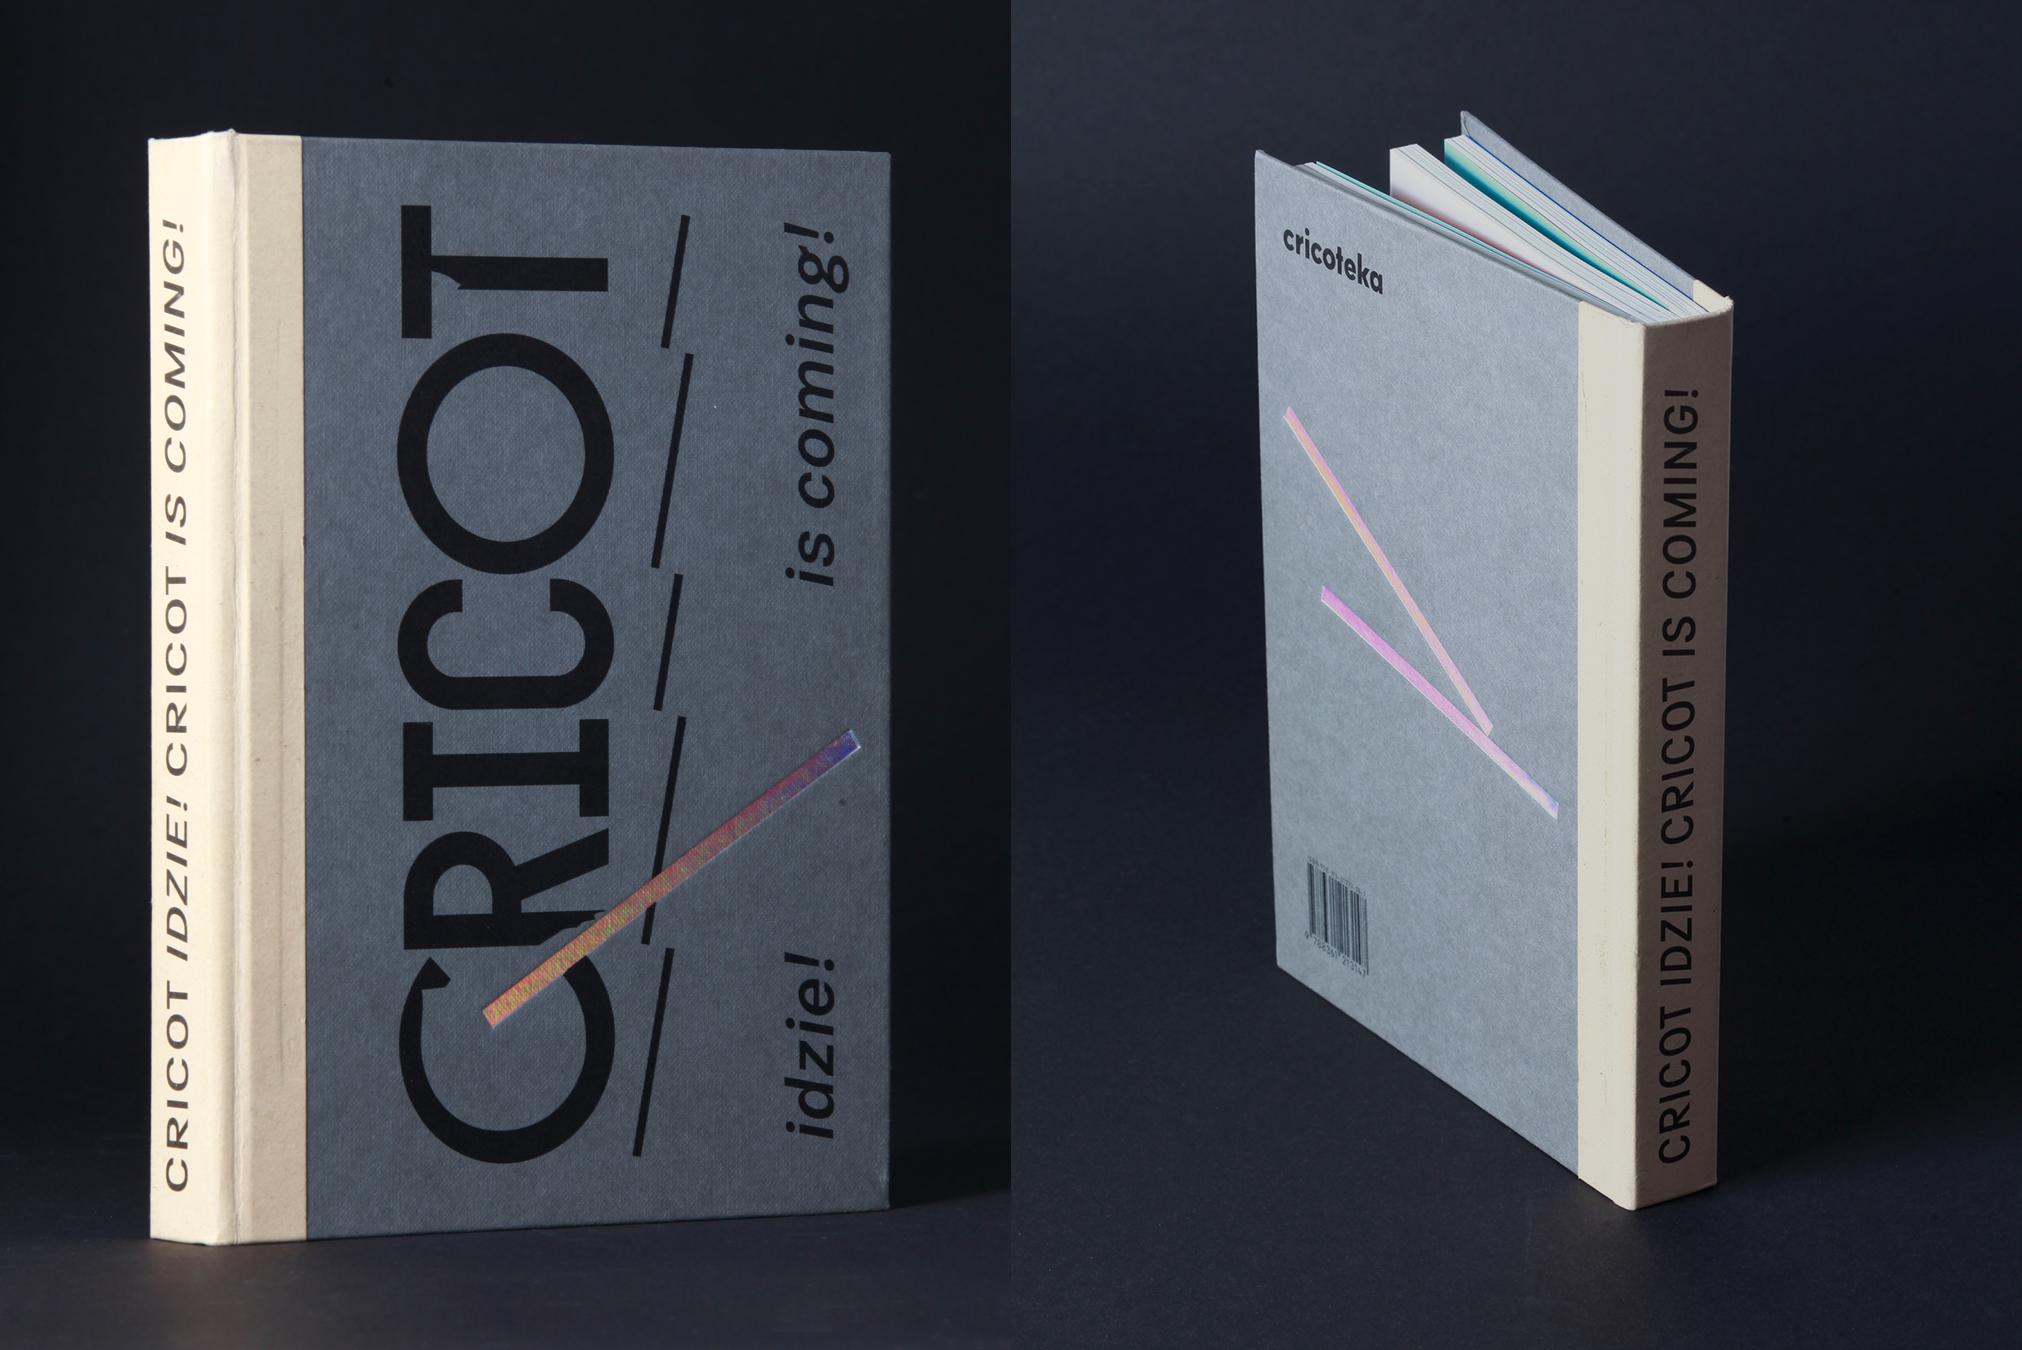 Cricot_idzie_book1 - Damien Novvak